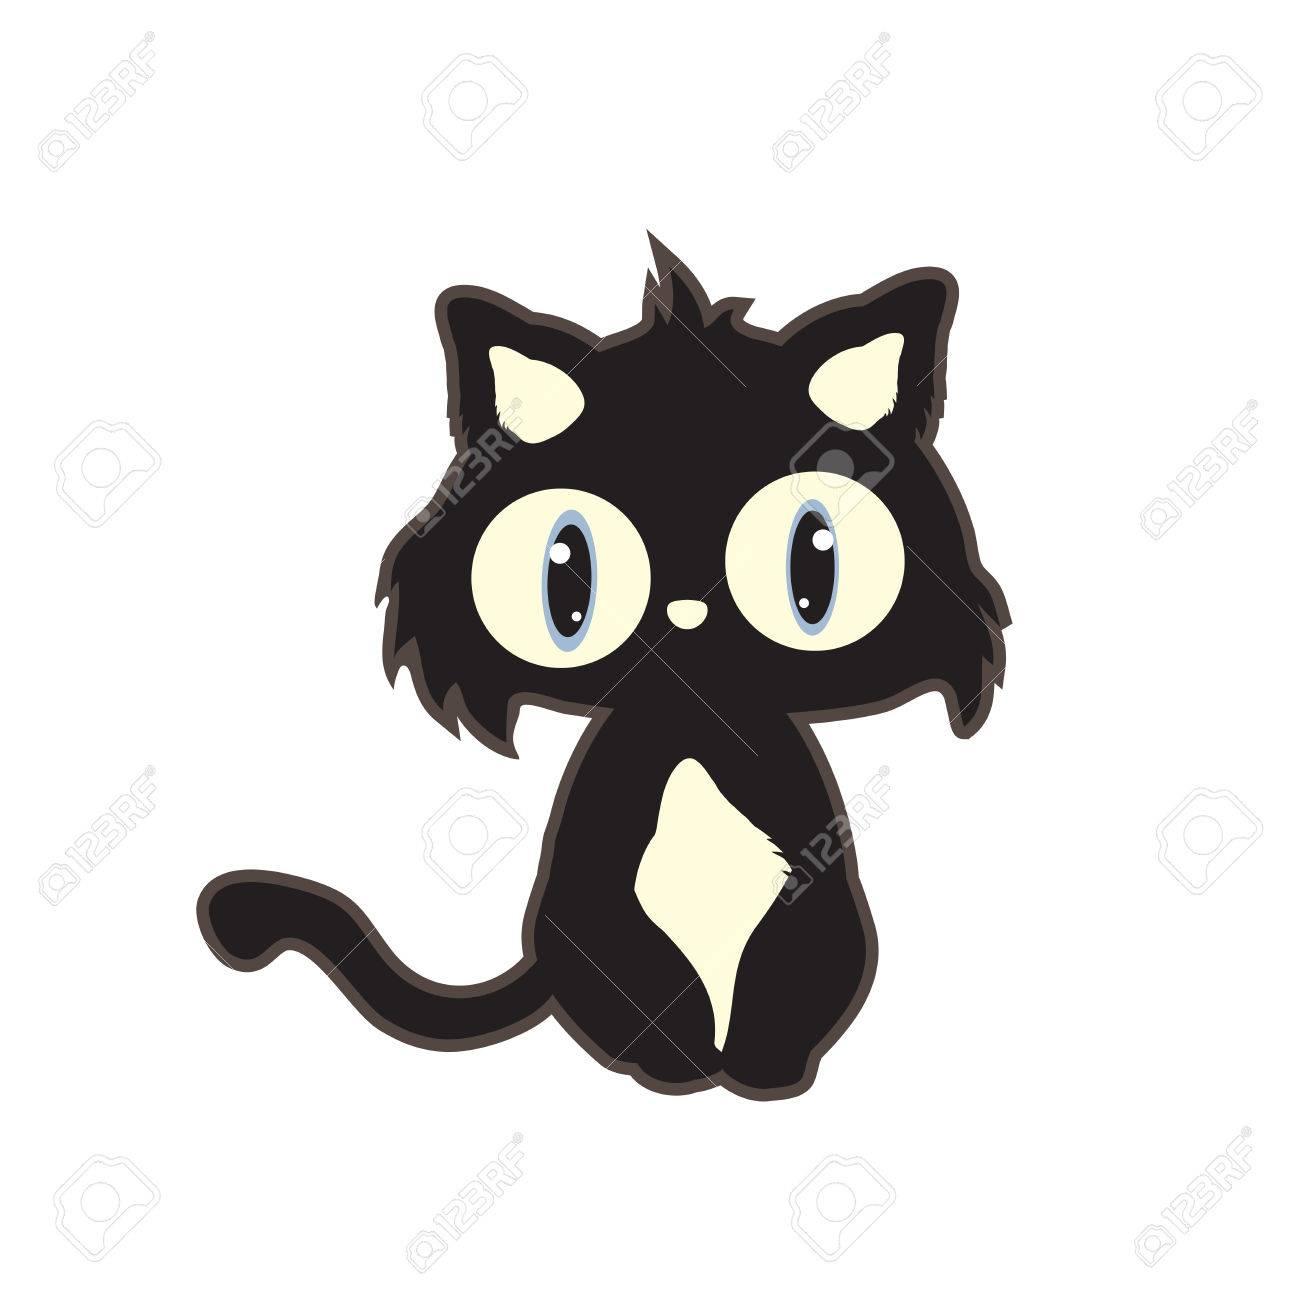 Ilustración De Dibujos Animados Lindo Gato Negro Aislado En El Fondo